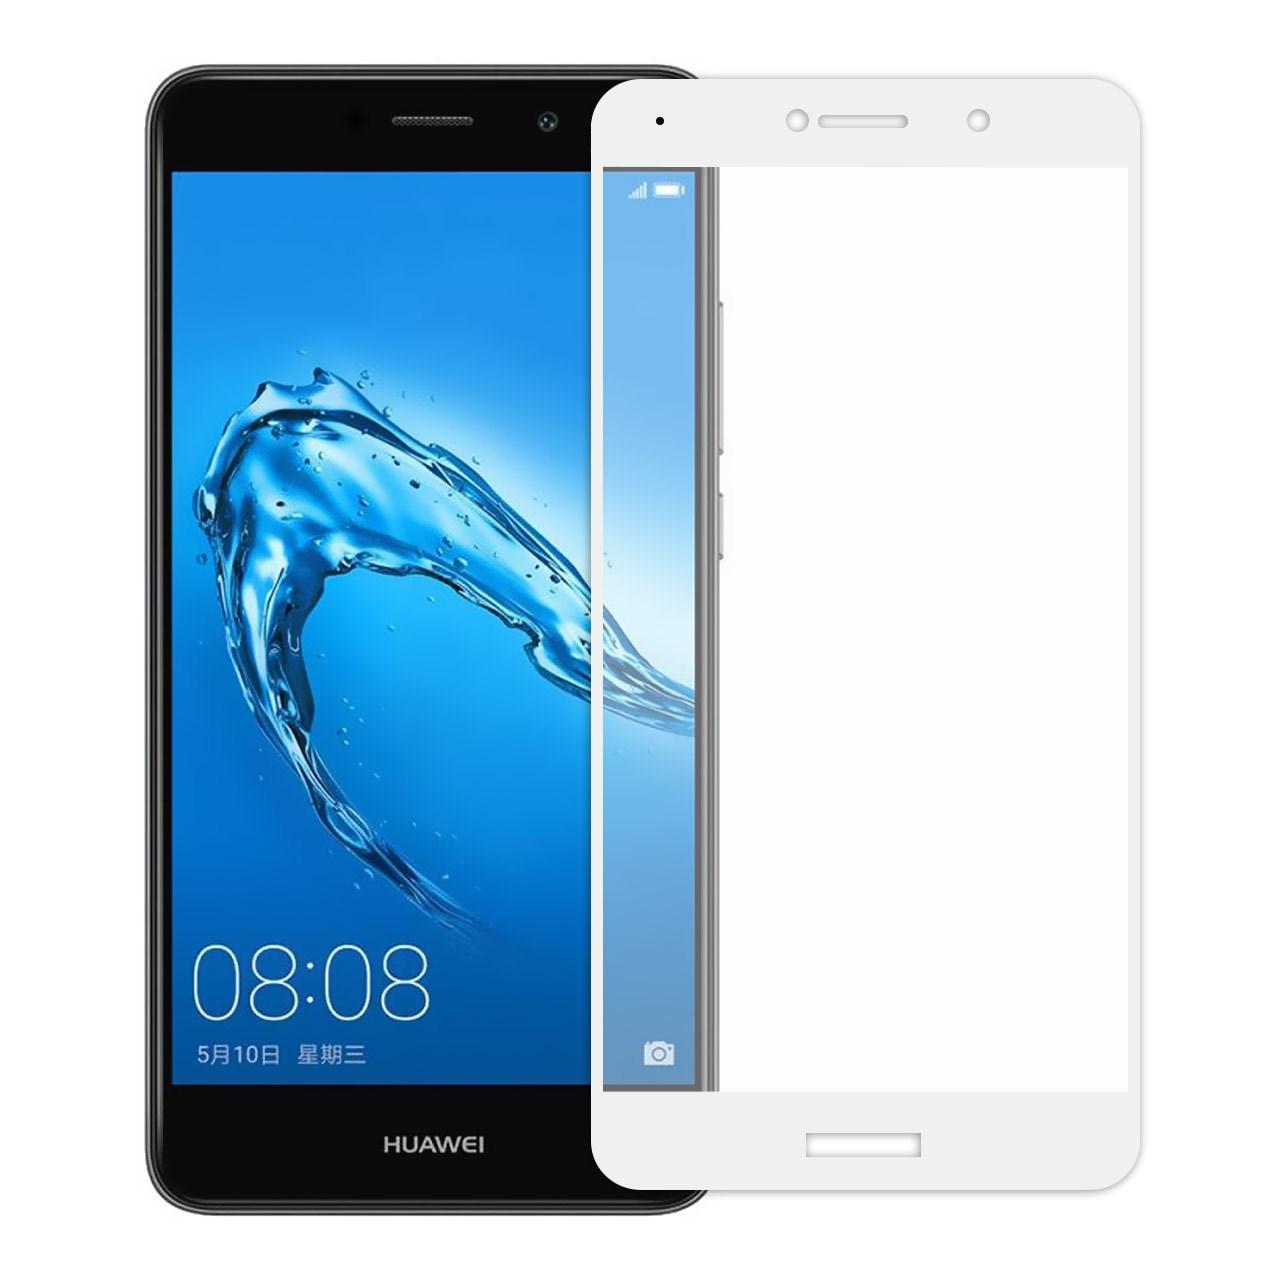 محافظ صفحه نمایش شیشه ای تمپرد مدل Full Cover مناسب برای گوشی هوآوی Huawei Y7 Prime